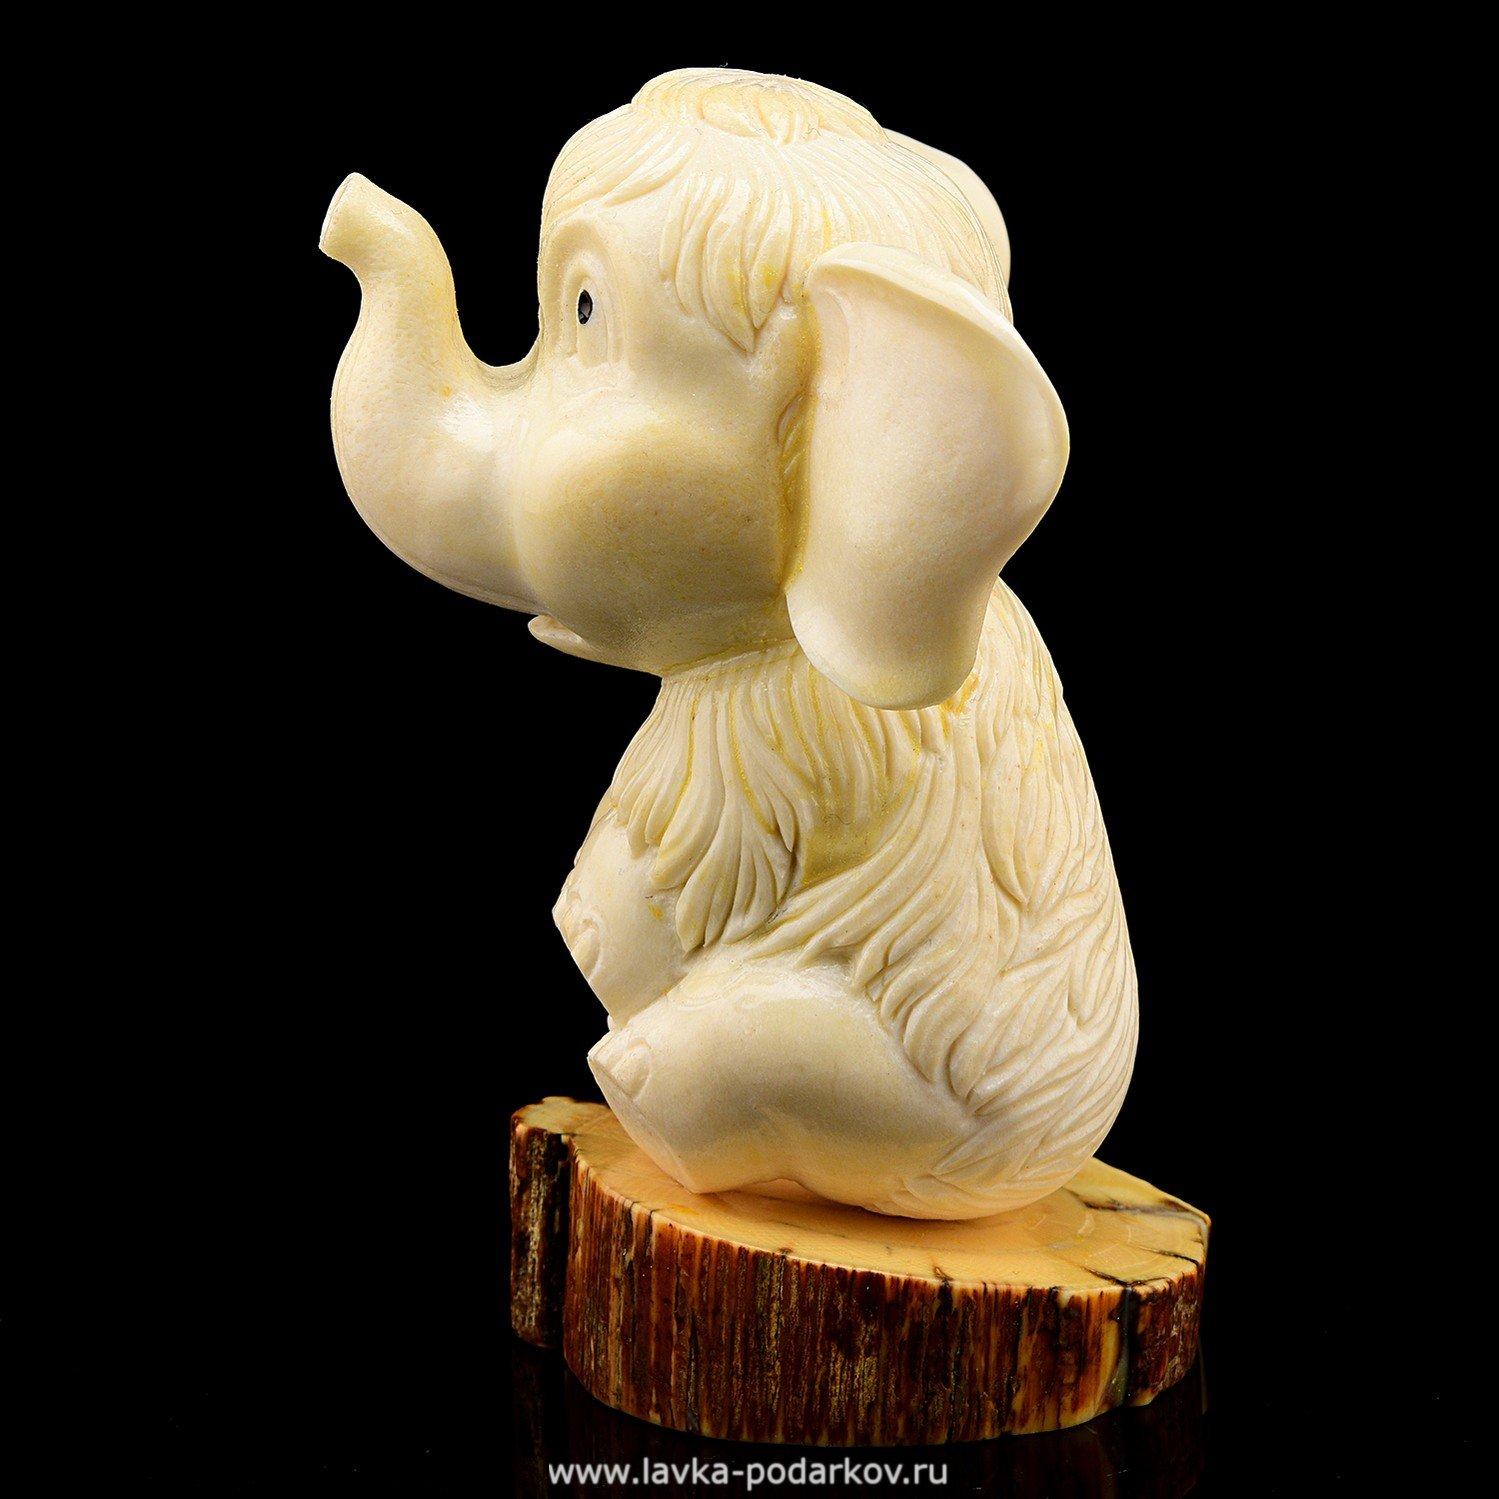 сердце грусть, фото сувениров из бивня мамонта гущина музыкально-дидактические